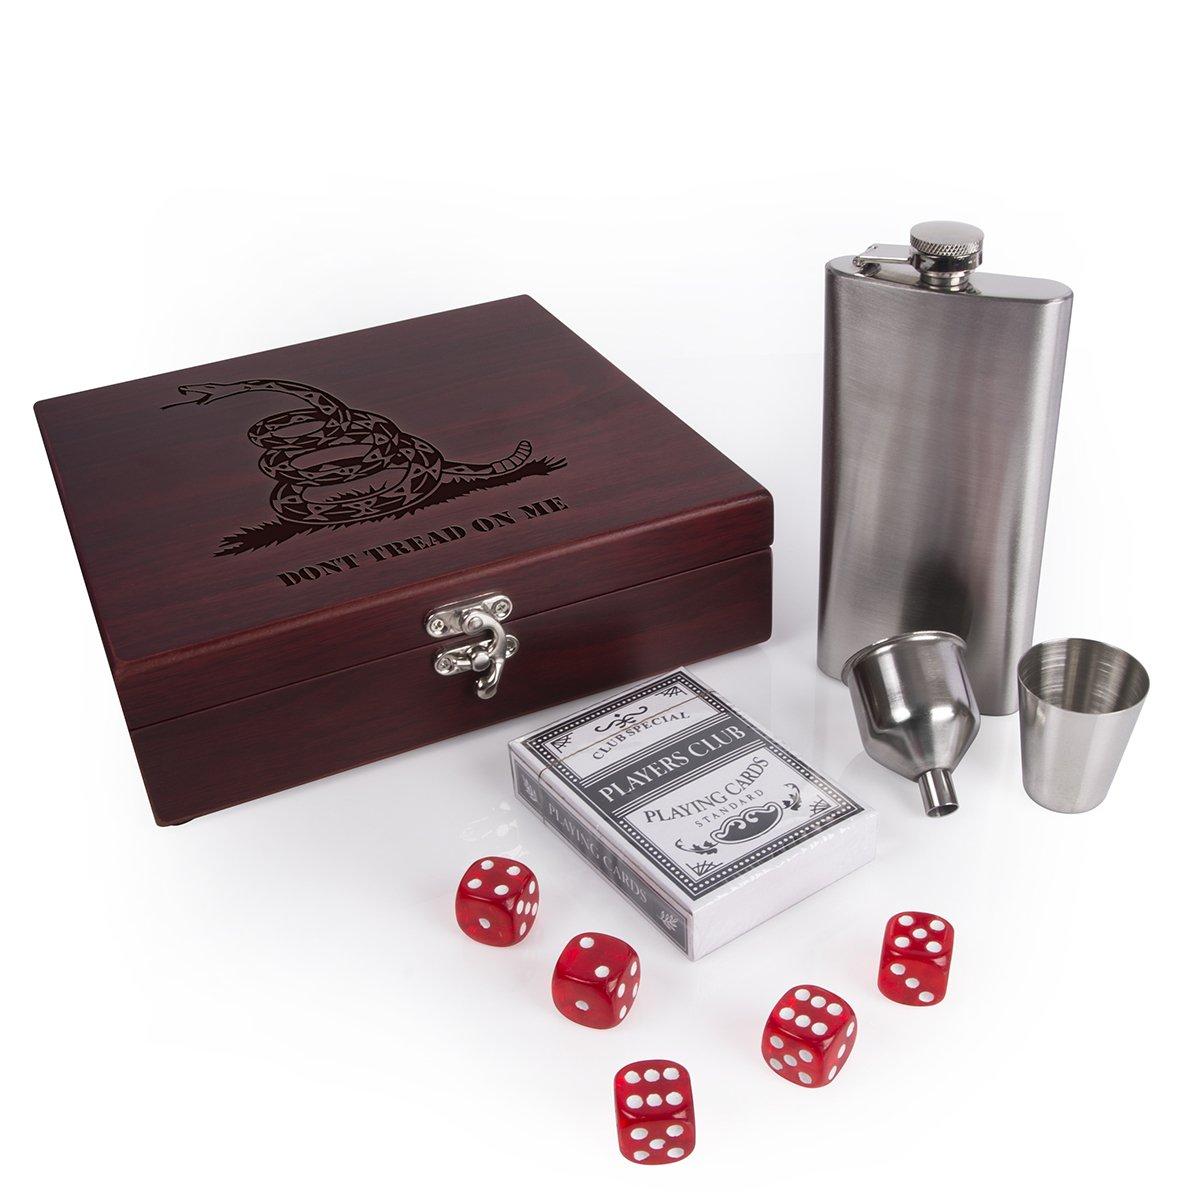 最上の品質な ないTread On MeフラスコセットボックスPlayingカード&カジノスタイルRolling Dices | Las B07DXBQ7K1 Vegas ないTread Gambler Las # t7 6 マルチ B07DXBQ7K1, 仙北町:96388c4c --- a0267596.xsph.ru